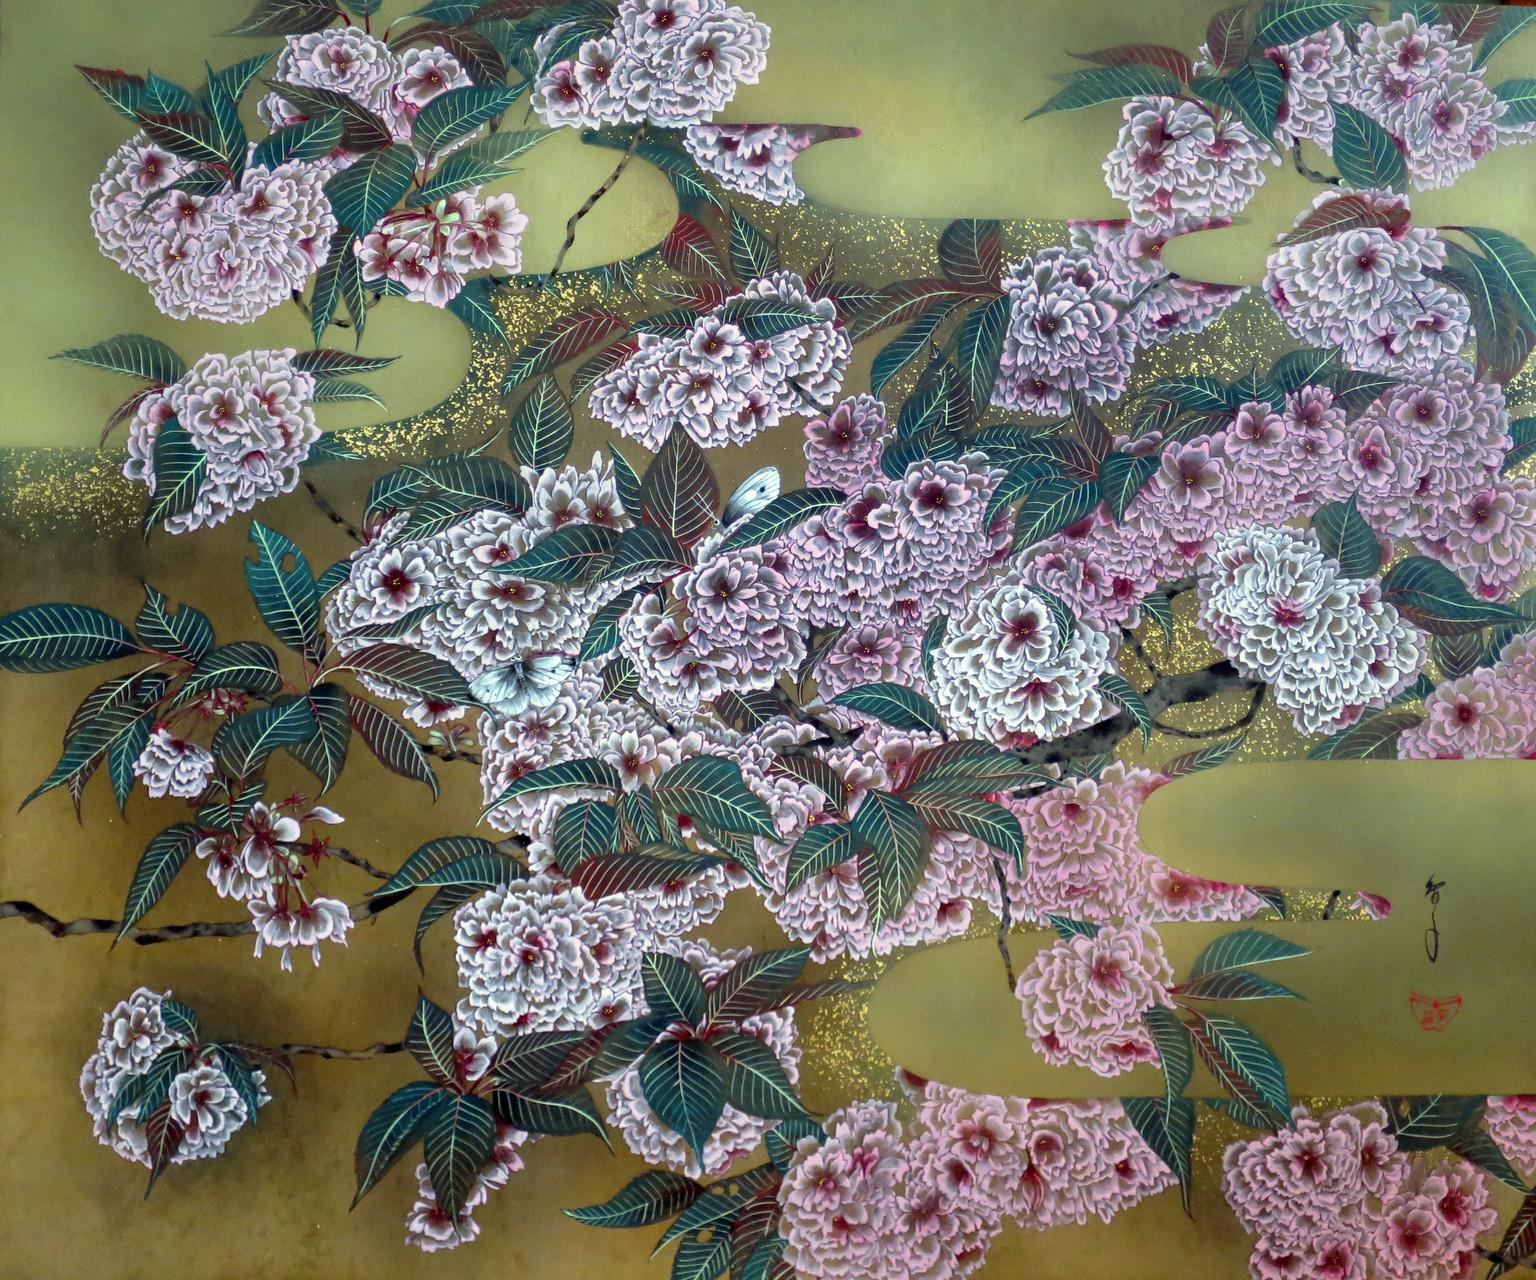 「夢見草-関山桜」 雲肌麻紙・岩絵具・金箔 F20 378,000円(税込)